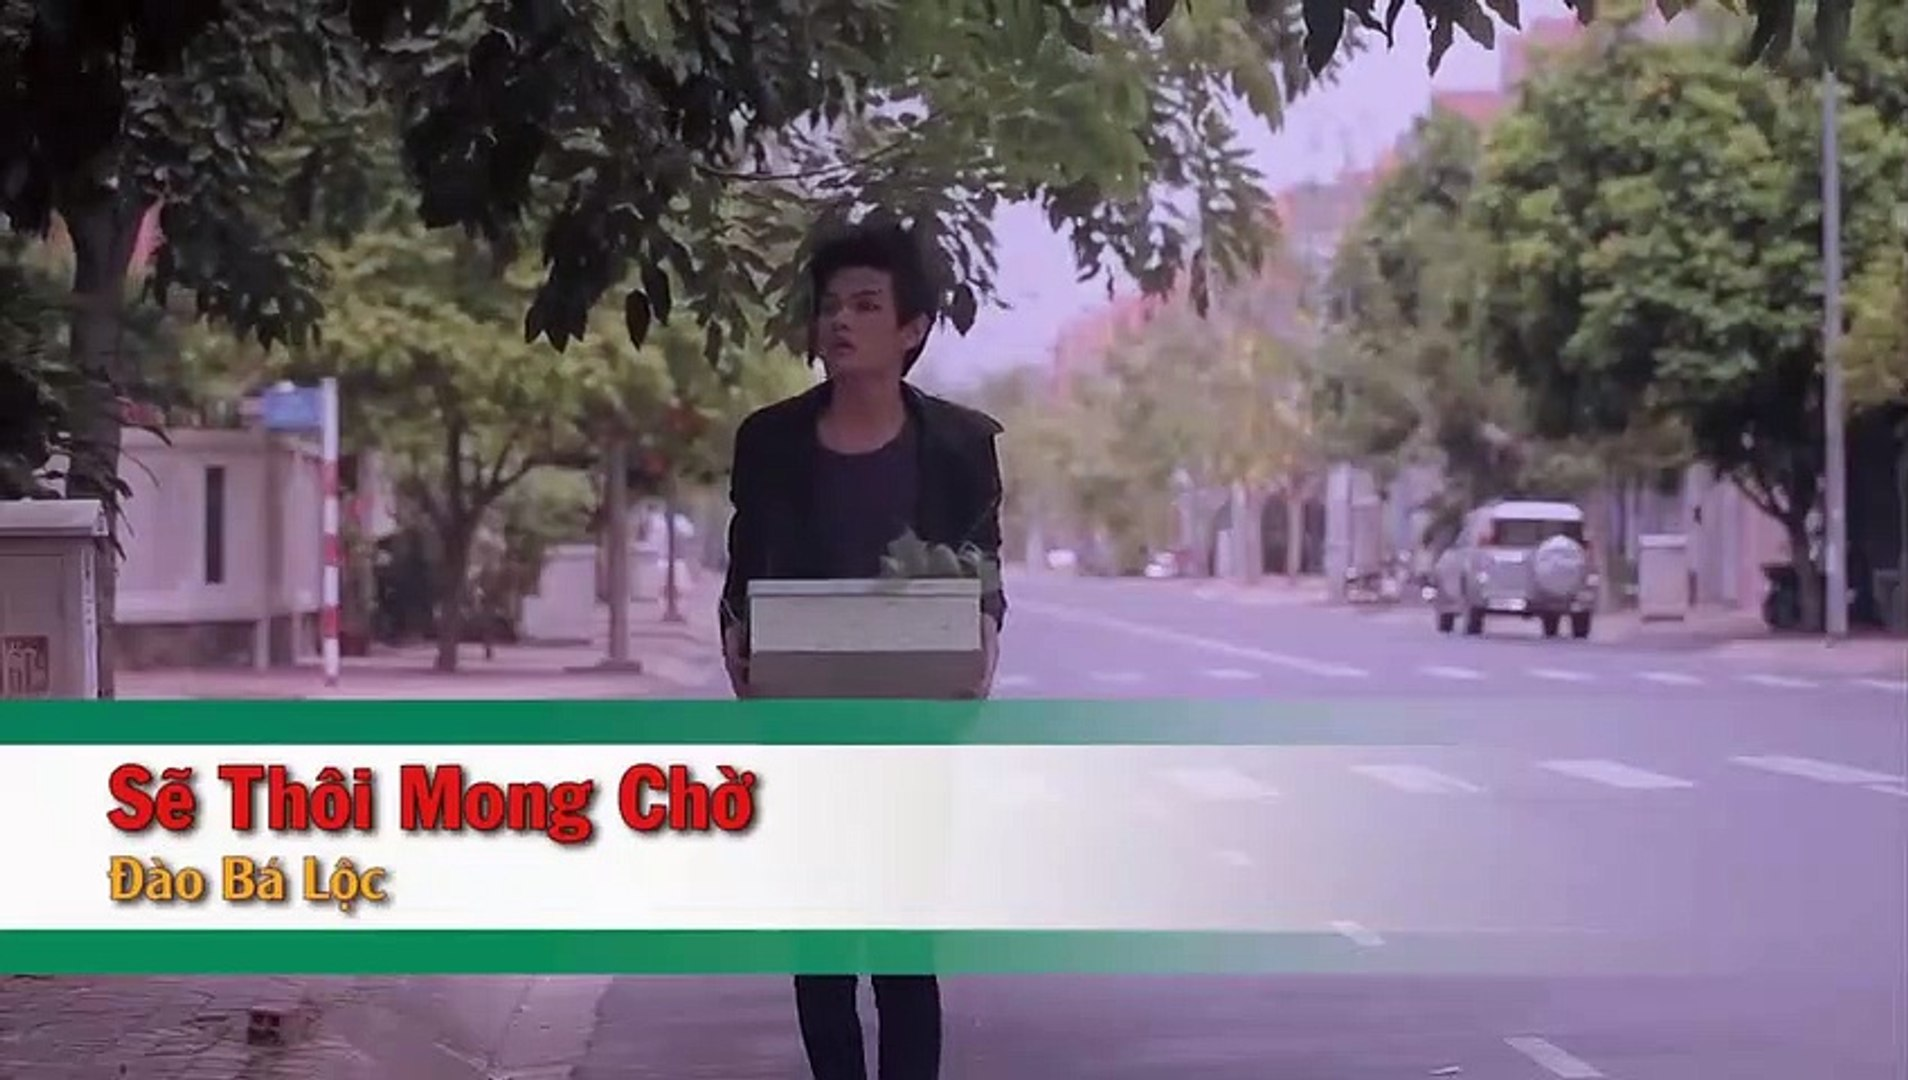 [Karaoke] Sẽ Thôi Chờ Mong - Đào Bá Lộc [Beat]